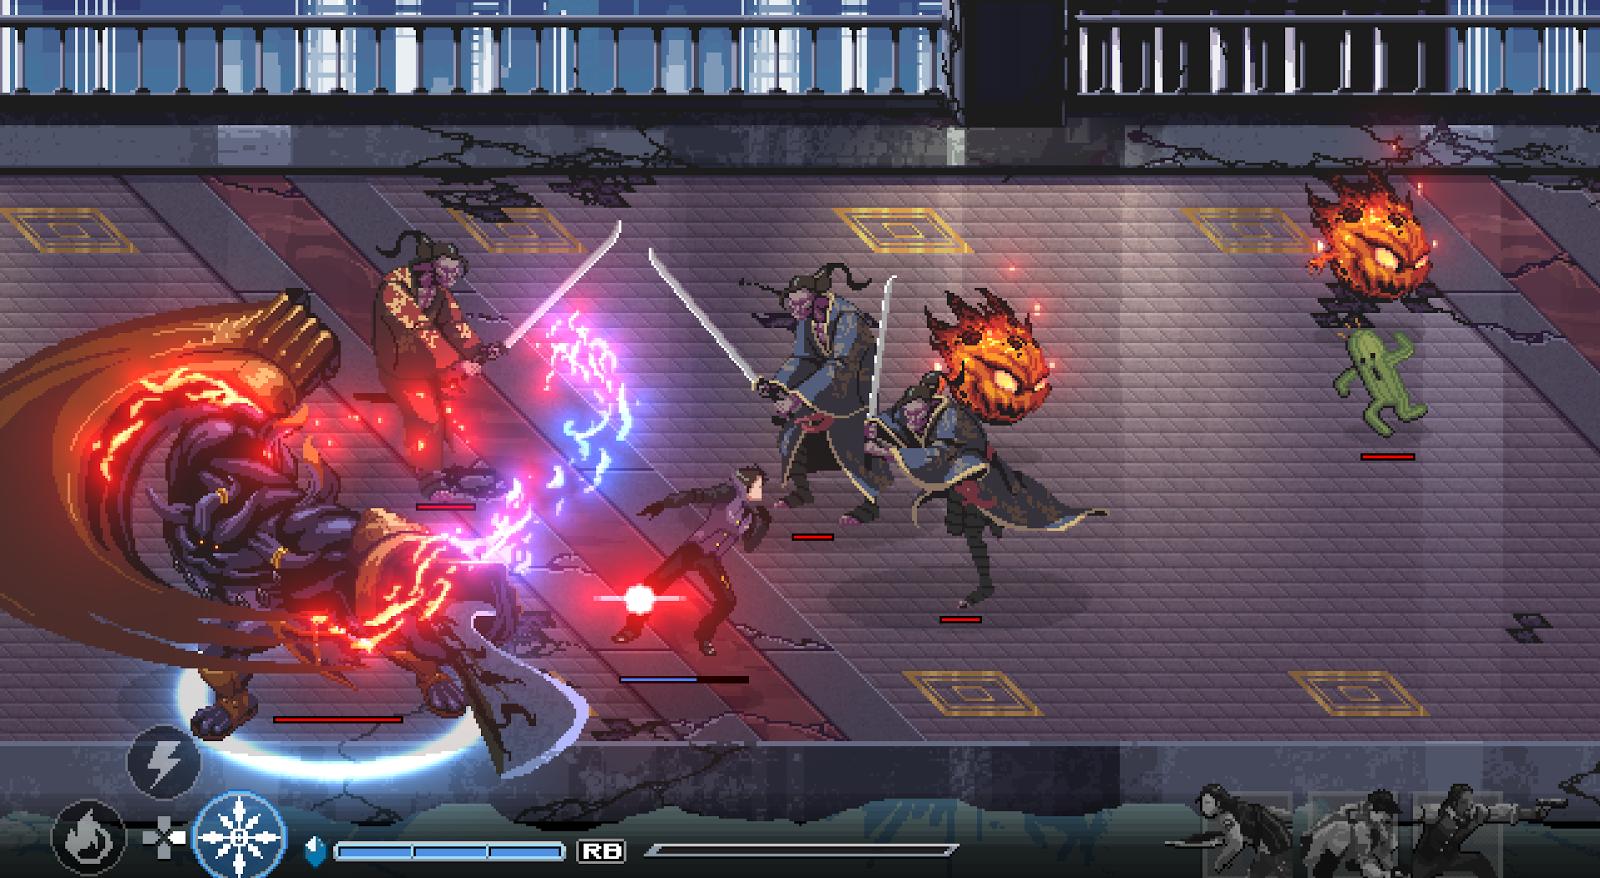 Final Fantasy XV A King's Tale disponible de forma gratuita desde hoy